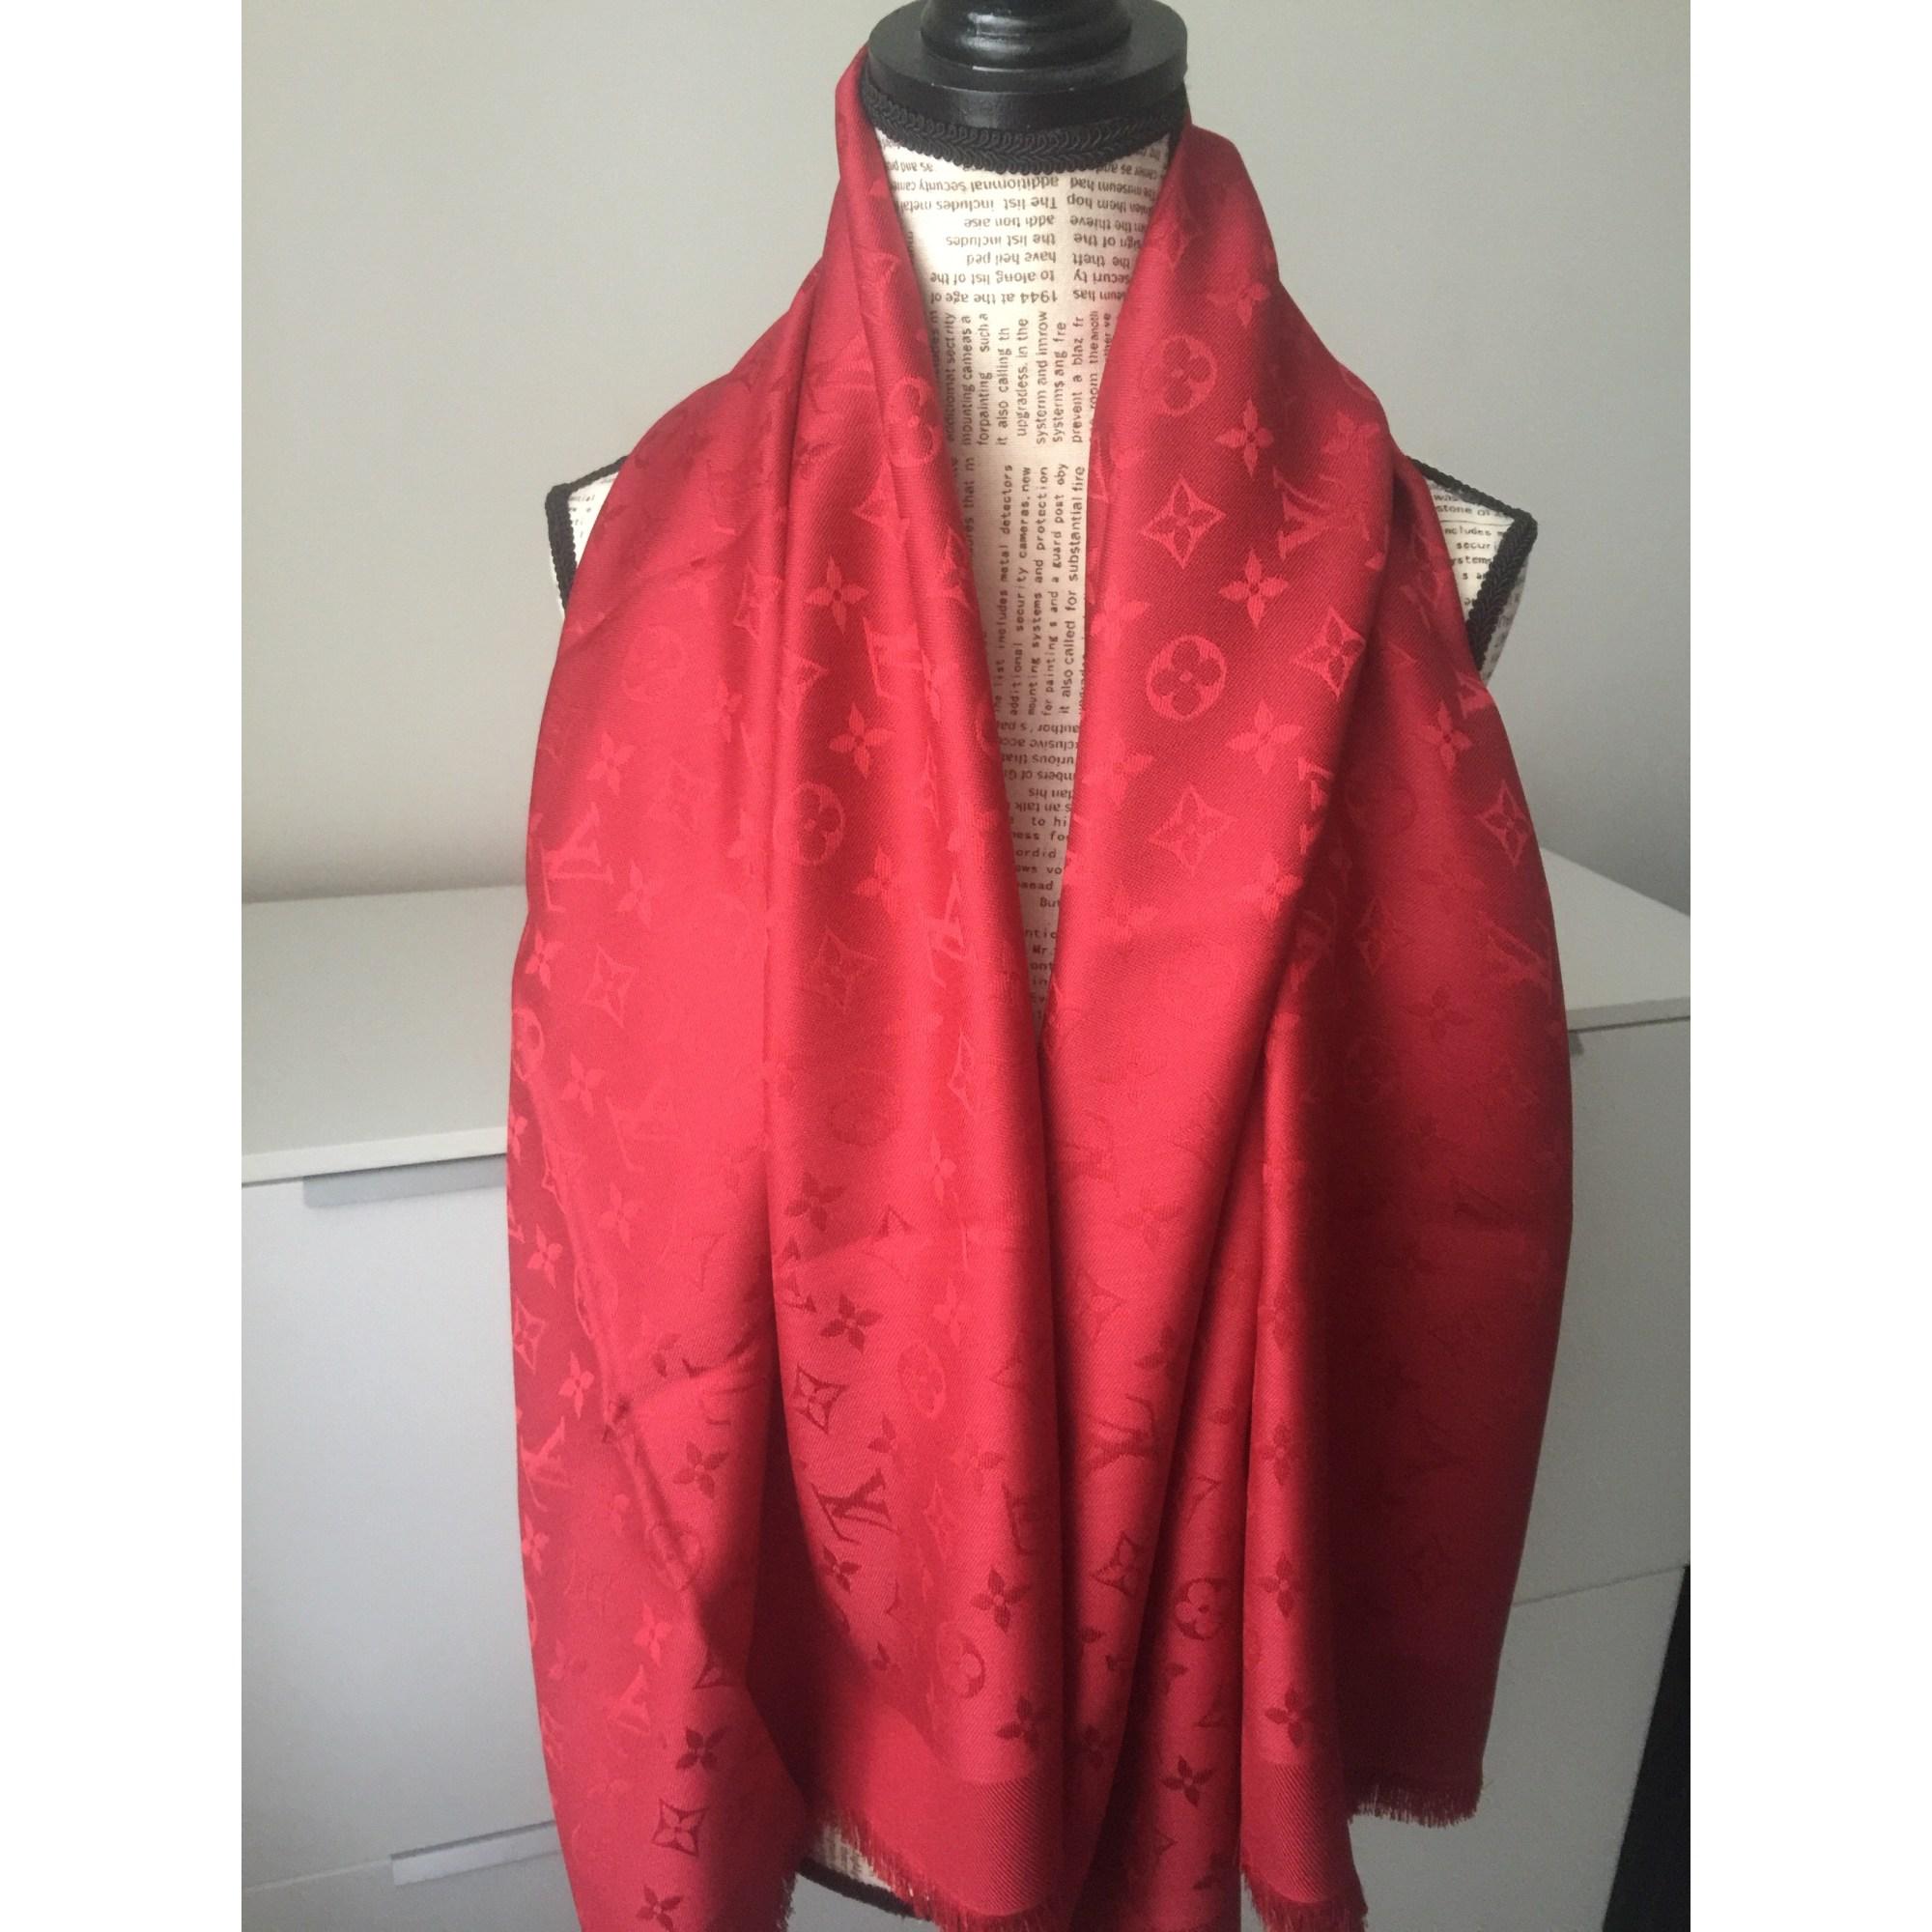 Foulard LOUIS VUITTON rouge vendu par Sophie27 - 7024701 af1d2ad12bd